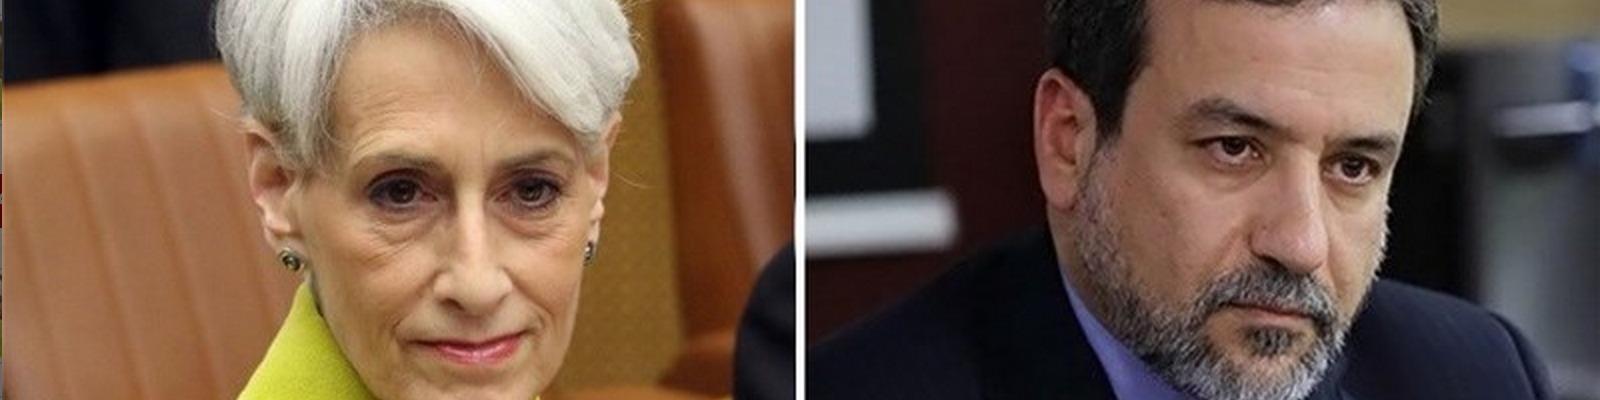 مذاکرات هسته ای ایران و آمریکا از سر گرفته شد